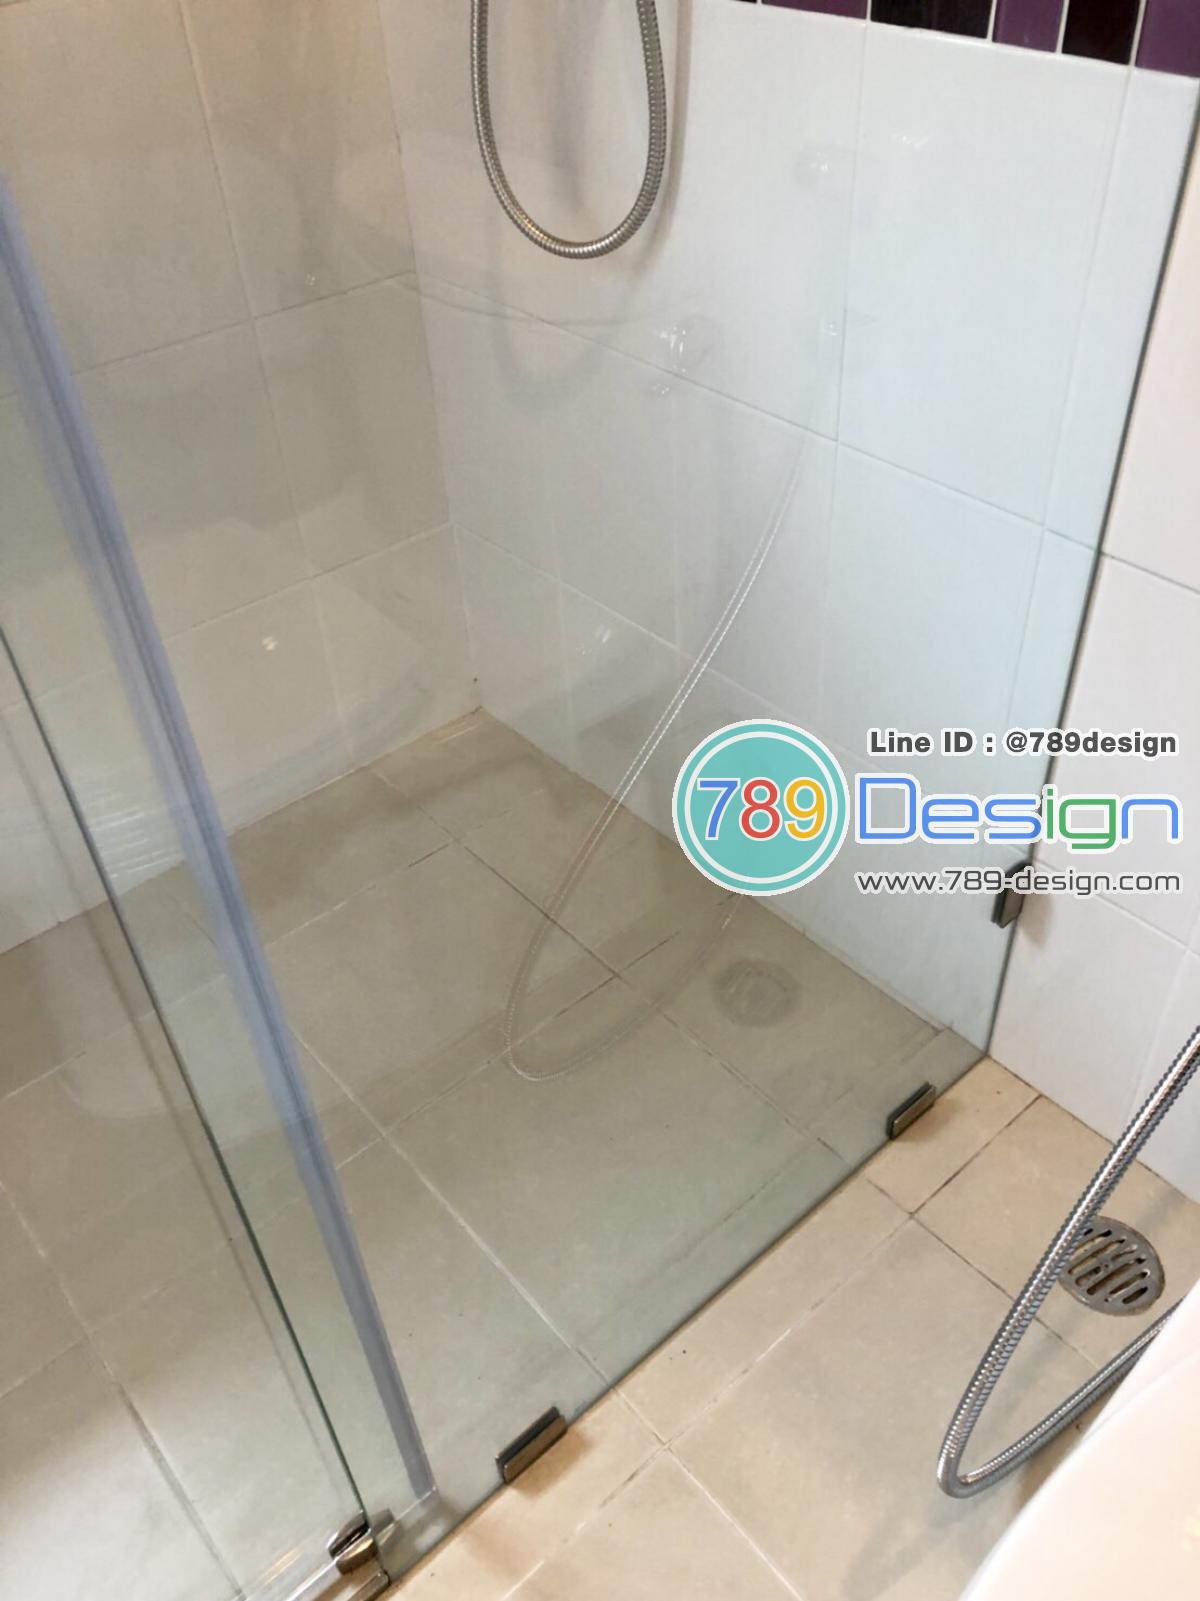 กระจกกั้นอาบน้ำ กระจก showerเทอร์เปอร์ แบบ บานเปิด และบานเลื่อนเปลือย 10 มิลเทมเปอร์